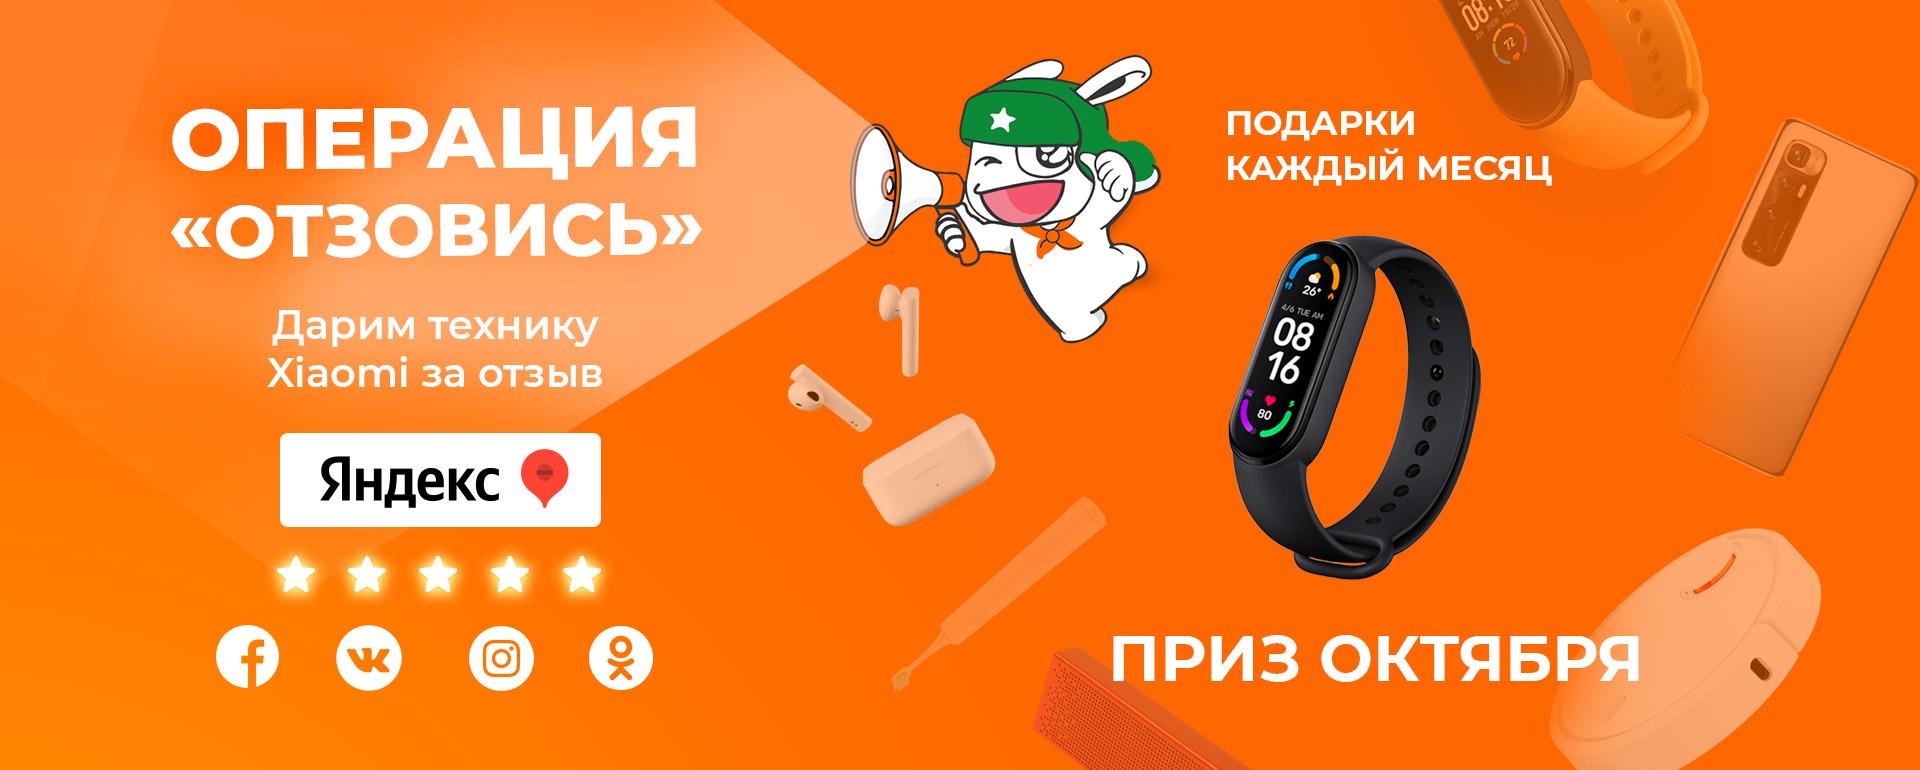 Акция Отзовись - Октябрь